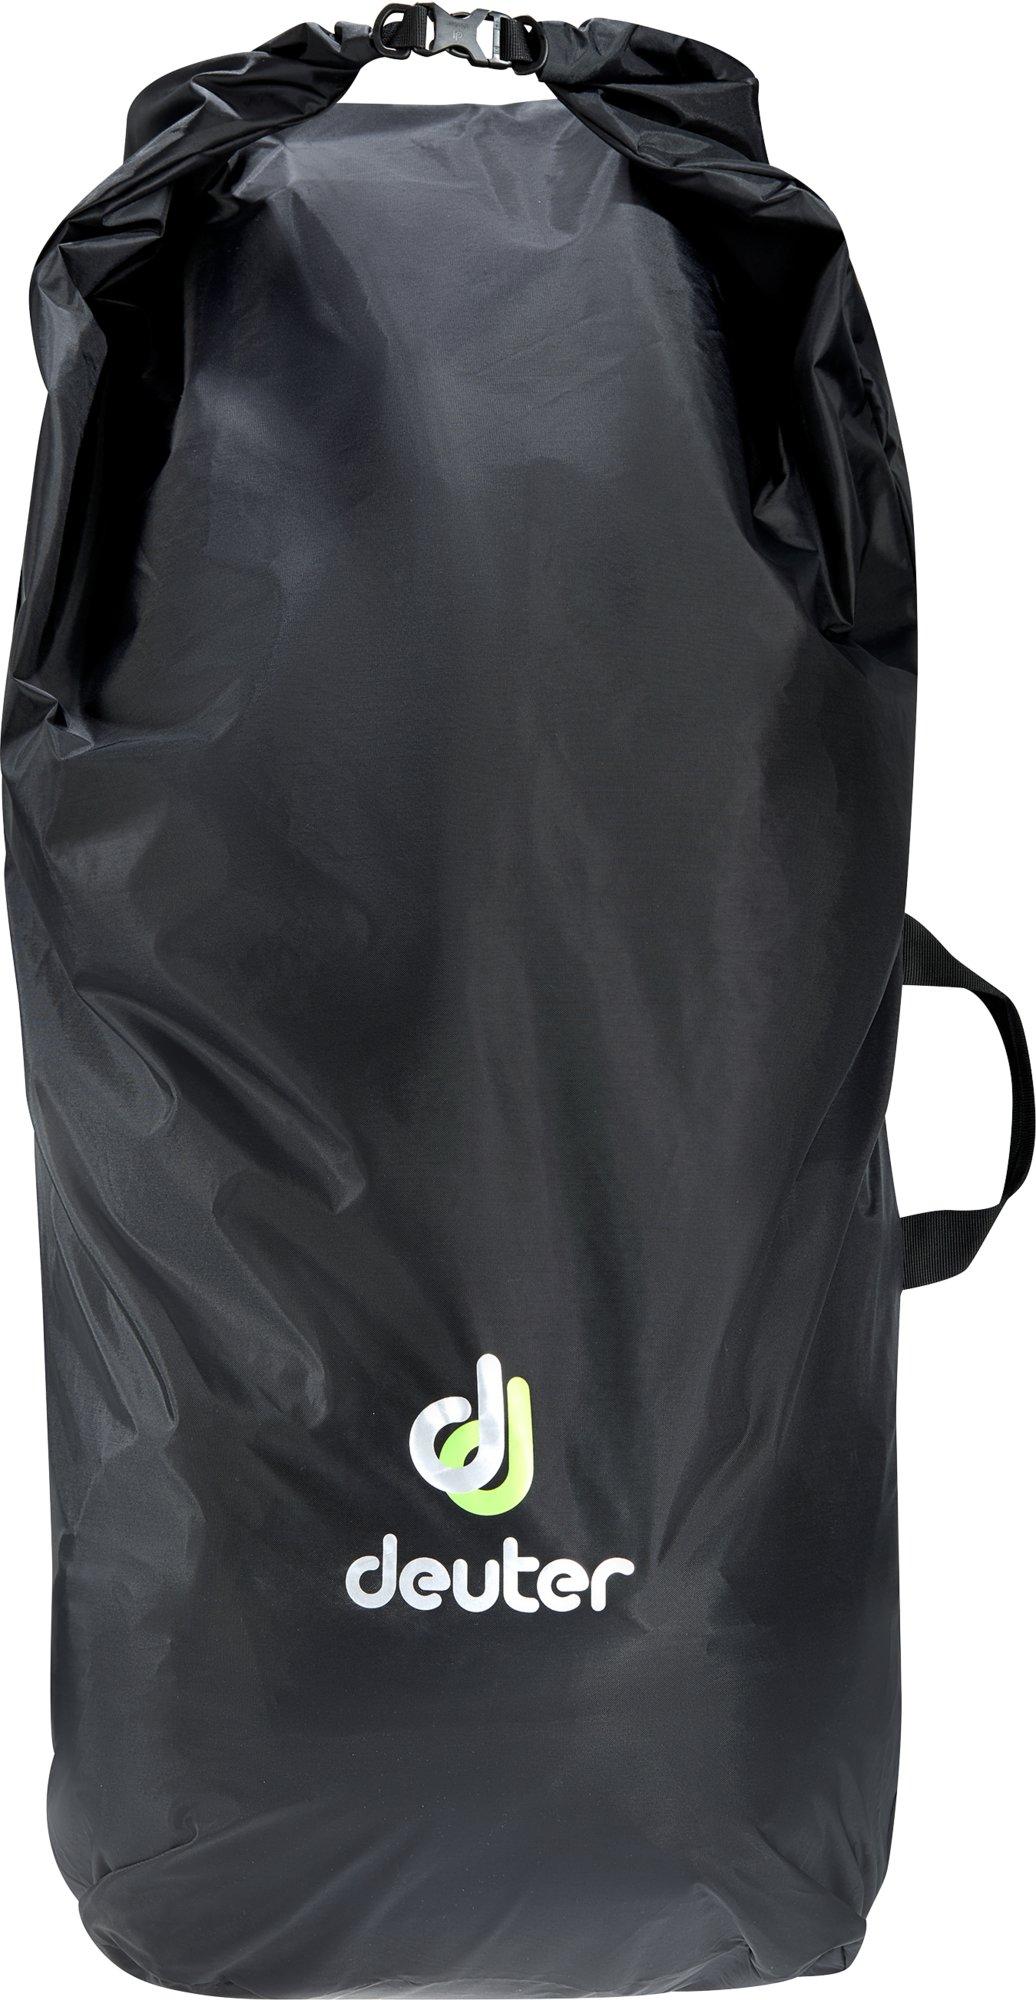 Deuter - Flight Cover 90, Regenschutz für den Rucksack